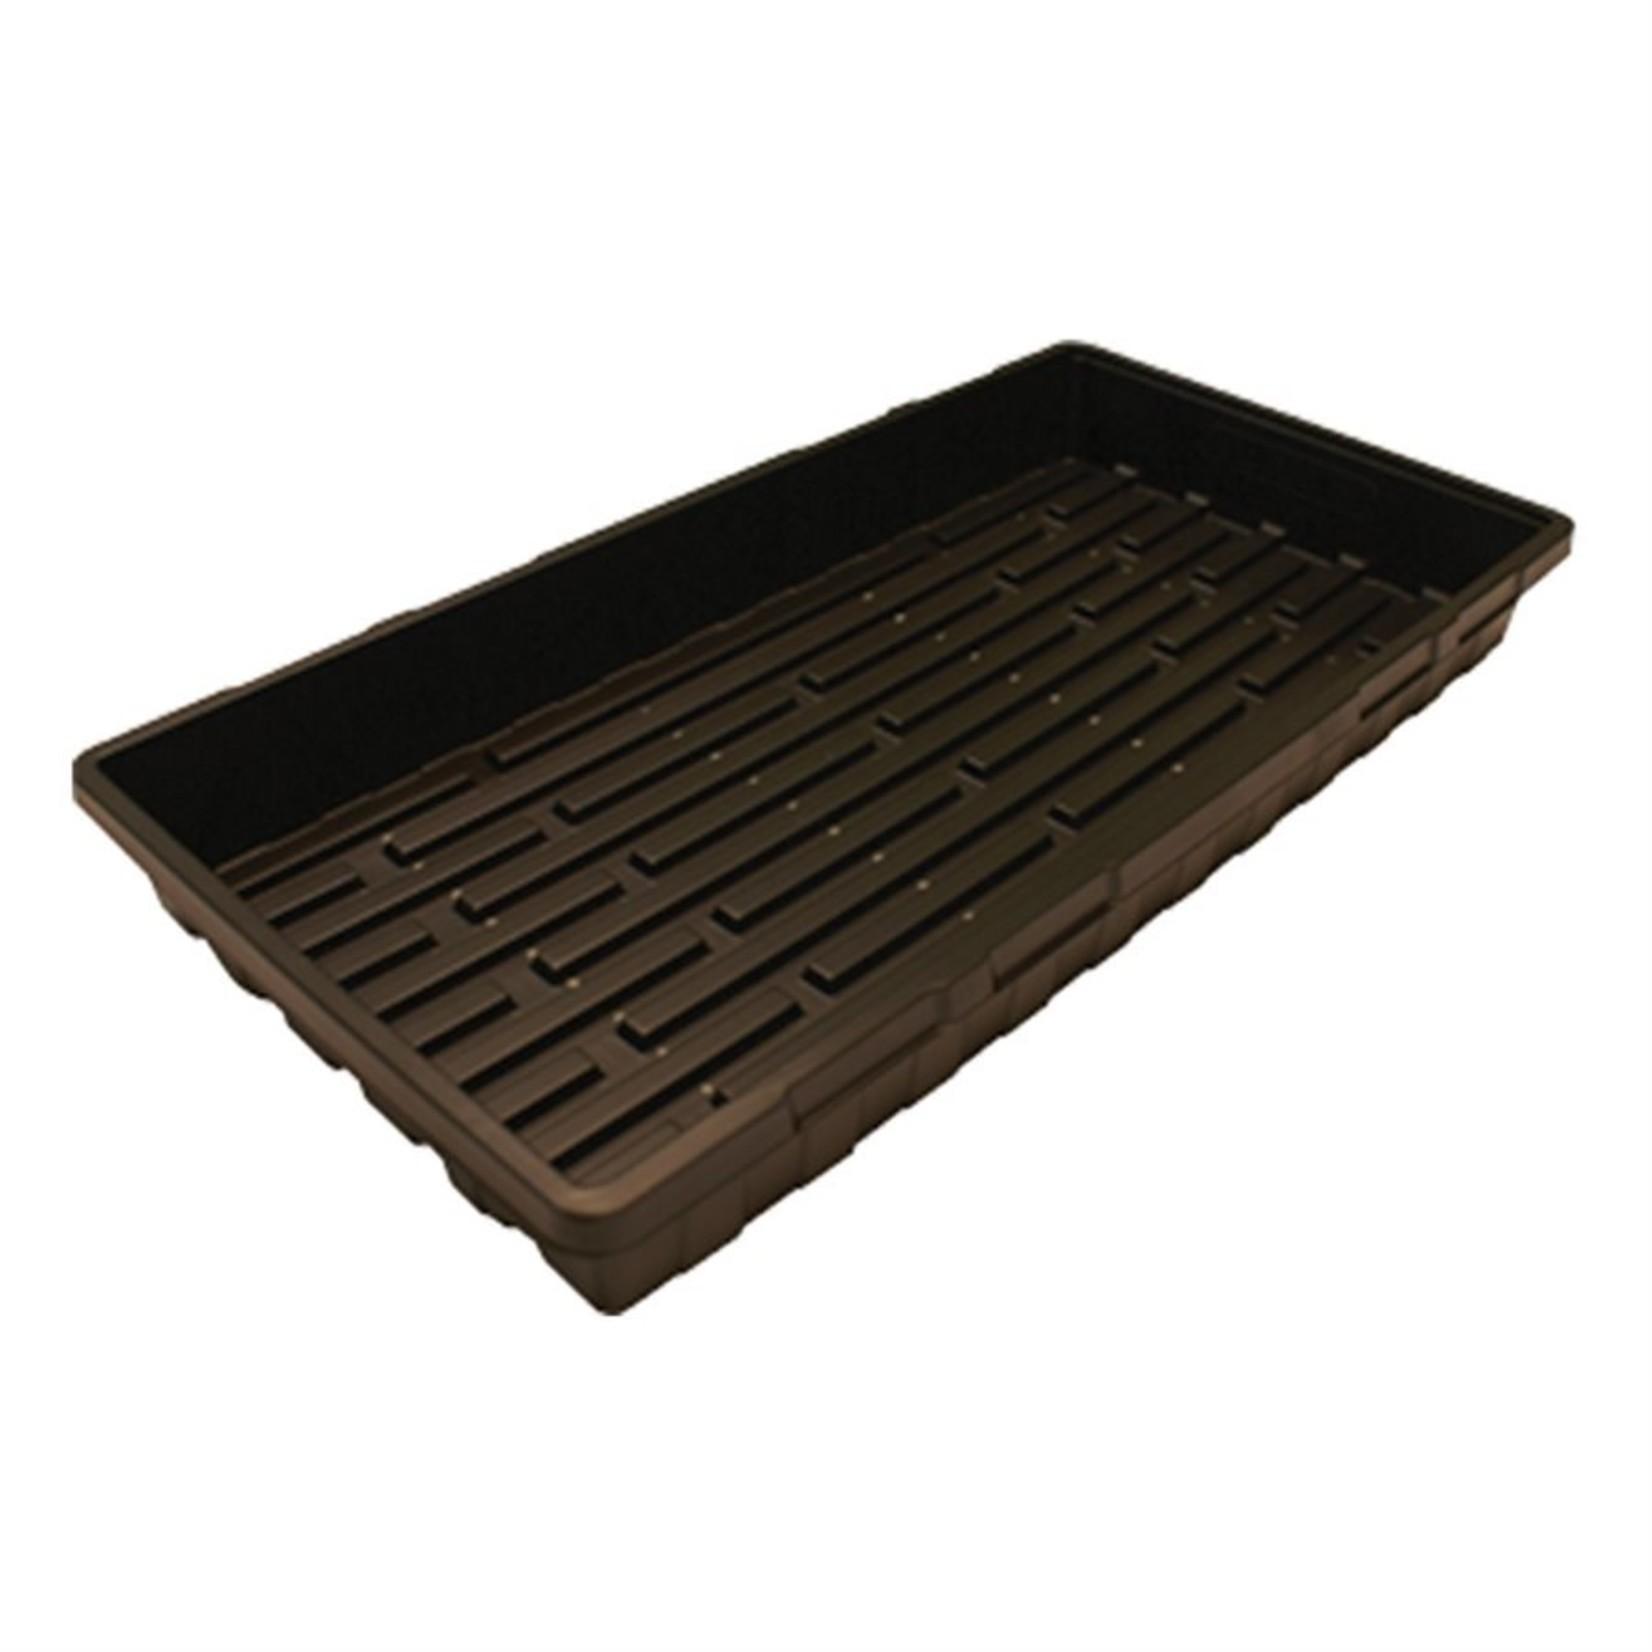 Mondi mondi propagation tray black 1020 with holes